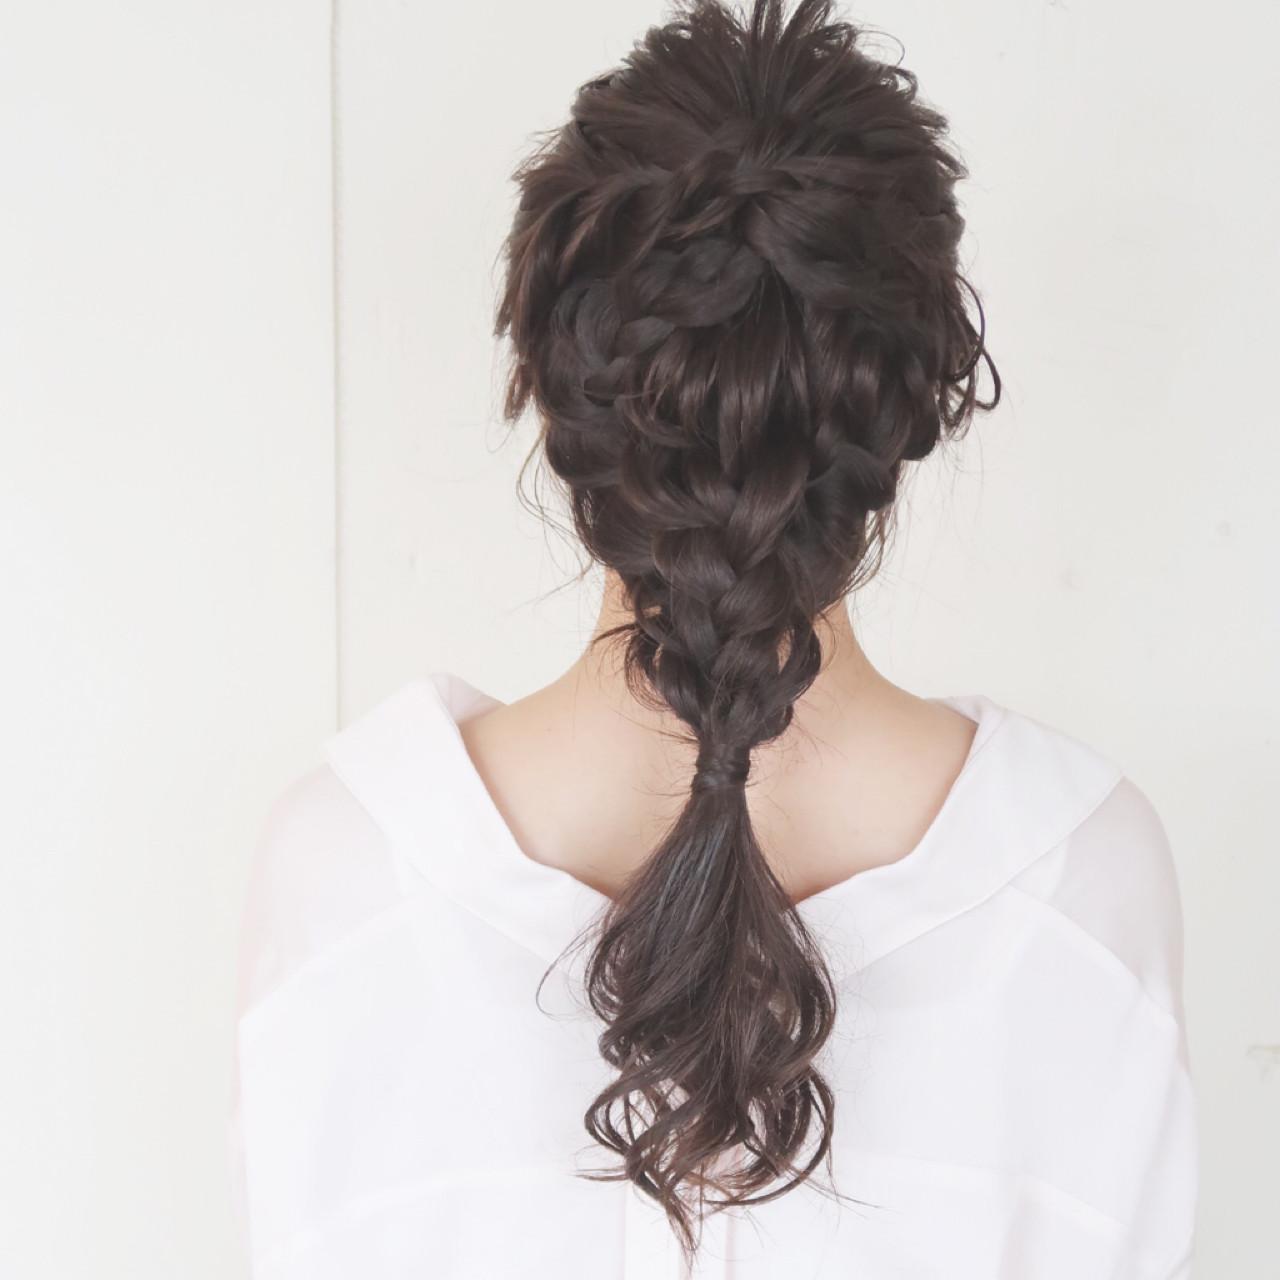 ナチュラル 大人かわいい 編み込み ロング ヘアスタイルや髪型の写真・画像 | 平川 元気 / MAPUNA